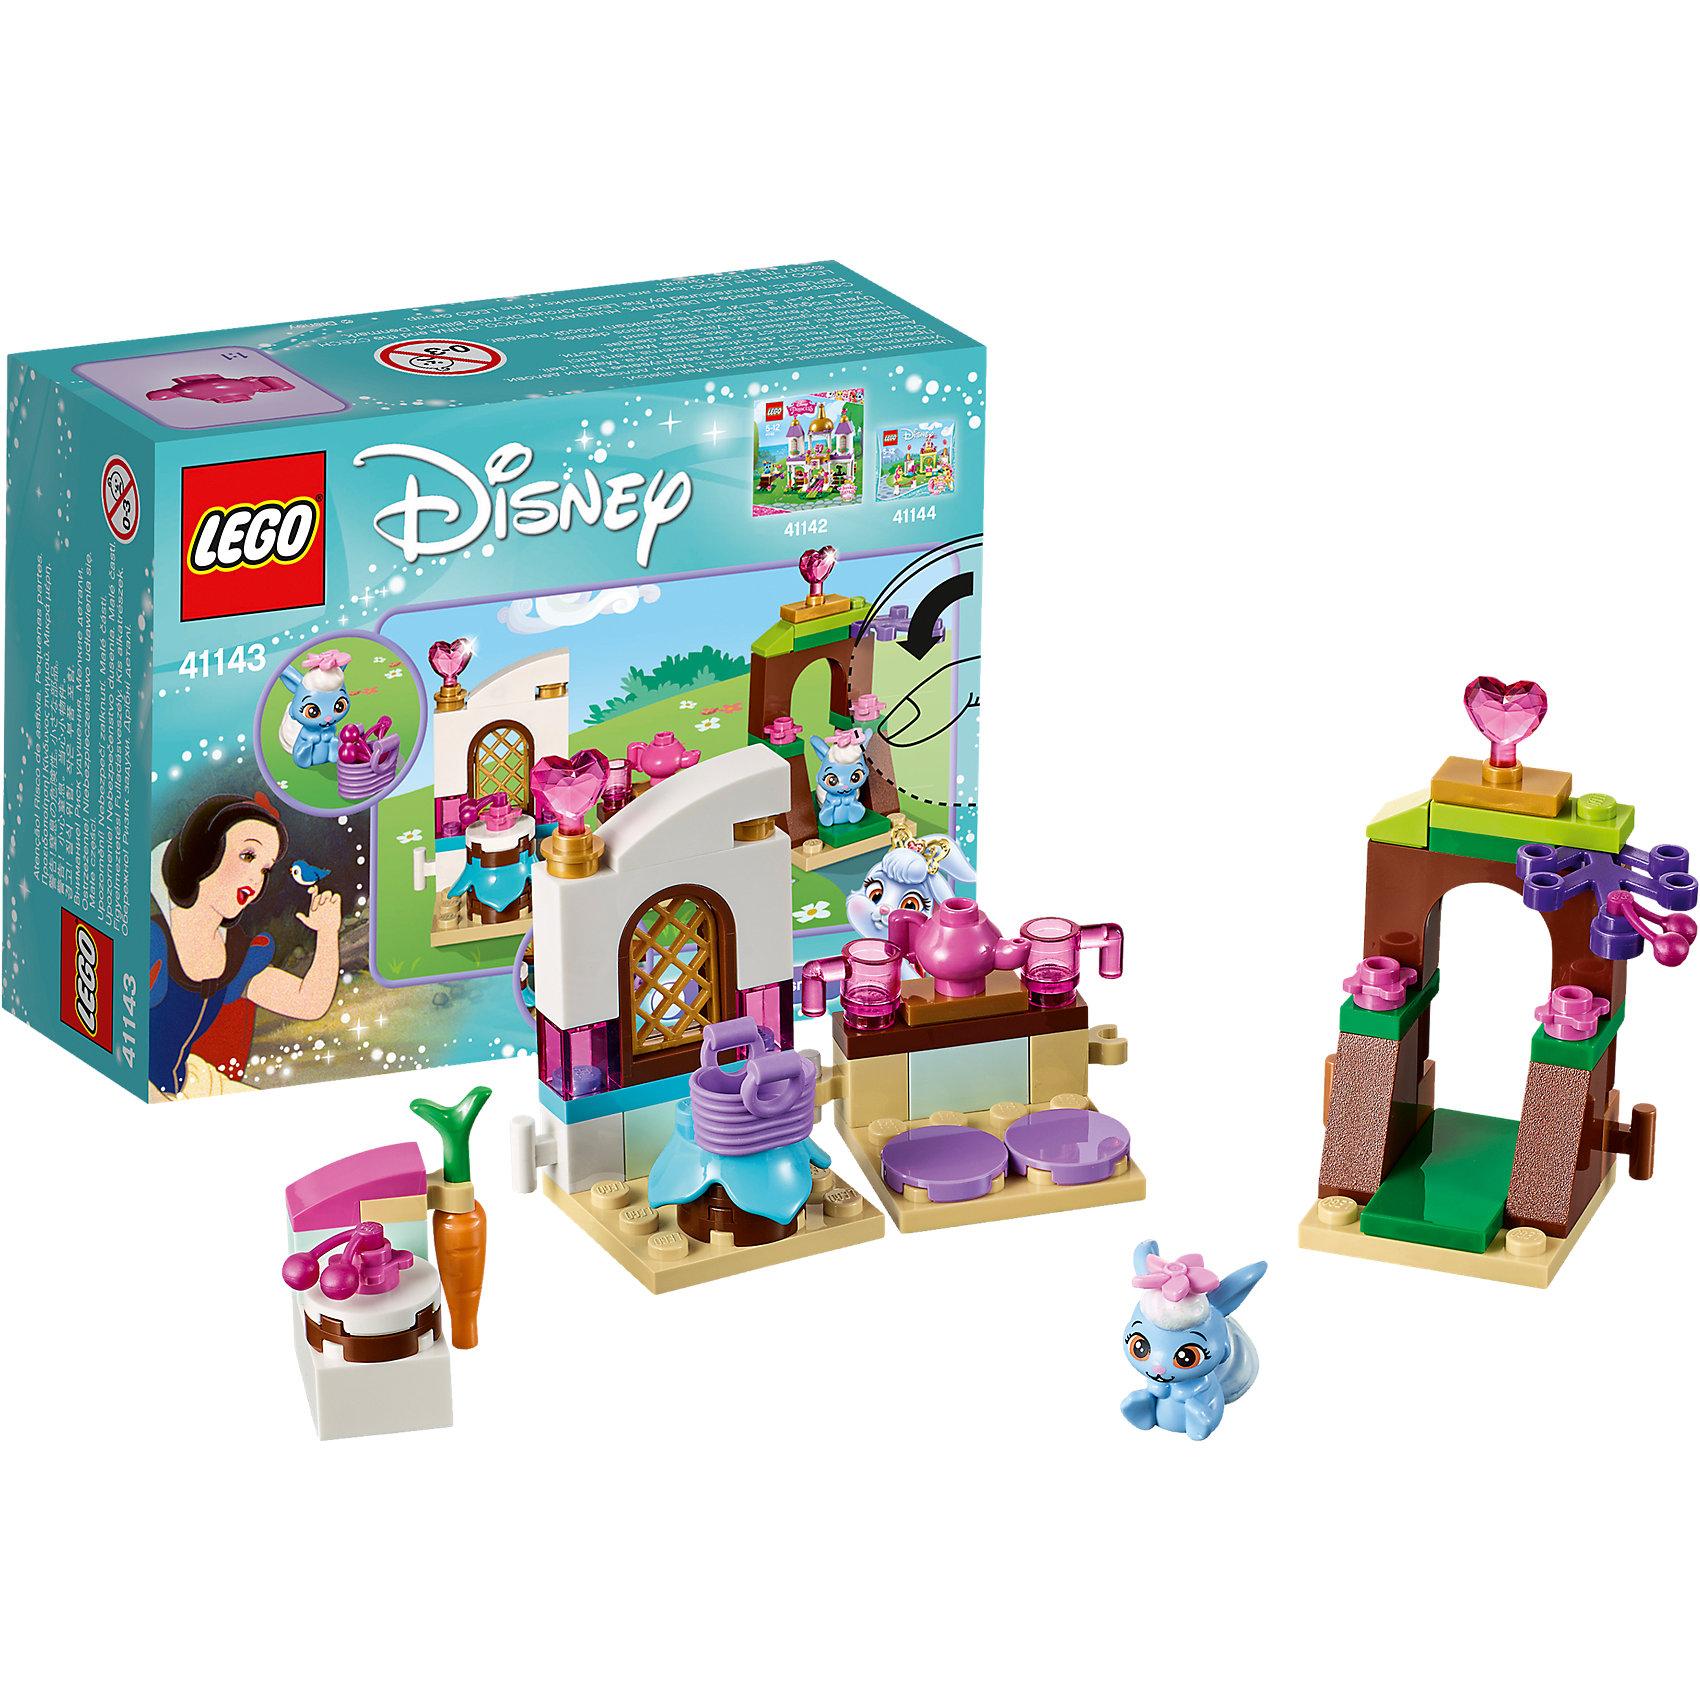 LEGO Disney Princesses 41143: Кухня ЯгодкиПластмассовые конструкторы<br>LEGO Disney Princesses 41143: Кухня Ягодки<br><br>Характеристики:<br><br>- в набор входит: детали для кухни, фигурка Ягодки, аксессуары, красочная инструкция<br>- состав: пластик<br>- количество деталей: 61<br>- размер упаковки: 12 * 5 * 9 см.<br>- размер собранной кухни: 14 * 3 * 7 см.<br>- для детей в возрасте: от 5 до 12 лет<br>- Страна производитель: Дания/Китай/Чехия<br><br>Легендарный конструктор LEGO (ЛЕГО) представляет серию «Disney Princesses» (Принцессы Диснея) в которую входят наборы конструкторов о принцессах и героях из мультфильмов компании Дисней. С помощью конструкторов можно строить окружение любимых персонажей своими руками, а потом играть с ними. Любимый крольчонок Белоснежки по имени Ягодка просто обожает готовить! Набор Кухня Ягодки из цикла «Королевские питомцы» (Palace Pets) отлично отразил все необходимые элементы, которые Ягодка использовала для приготовлений десертов на своей лесной чайной вечеринки. Модульная кухня включает в себя небольшую барную стойку для завтраков с двумя сиденьями. Белый столик для готовки оснащен держателем для морковки. На вишневых воротах растут прекрасные вишенки, которые отлично подойдут для пирога Ягодки, она соберет их в свою маленькую корзинку. Очаровательная фигурка крольчонка может двигать головой. В набор включены аксессуары для чаепития: чайник, две чашки, торт, вишенки. Сам набор может быть соединен с другими наборами «Королевские питомцы» (Palace Pets). Играя с конструктором ребенок развивает моторику рук, воображение и логическое мышление, научится собирать по инструкции и создавать свои модели. Придумывайте новые истории любимых героев с набором LEGO «Disney Princesses»!<br><br>Конструктор LEGO Disney Princesses 41143: Кухня Ягодки можно купить в нашем интернет-магазине.<br><br>Ширина мм: 125<br>Глубина мм: 93<br>Высота мм: 48<br>Вес г: 73<br>Возраст от месяцев: 60<br>Возраст до месяцев: 144<br>Пол: Женский<br>Возраст: Детский<br>S